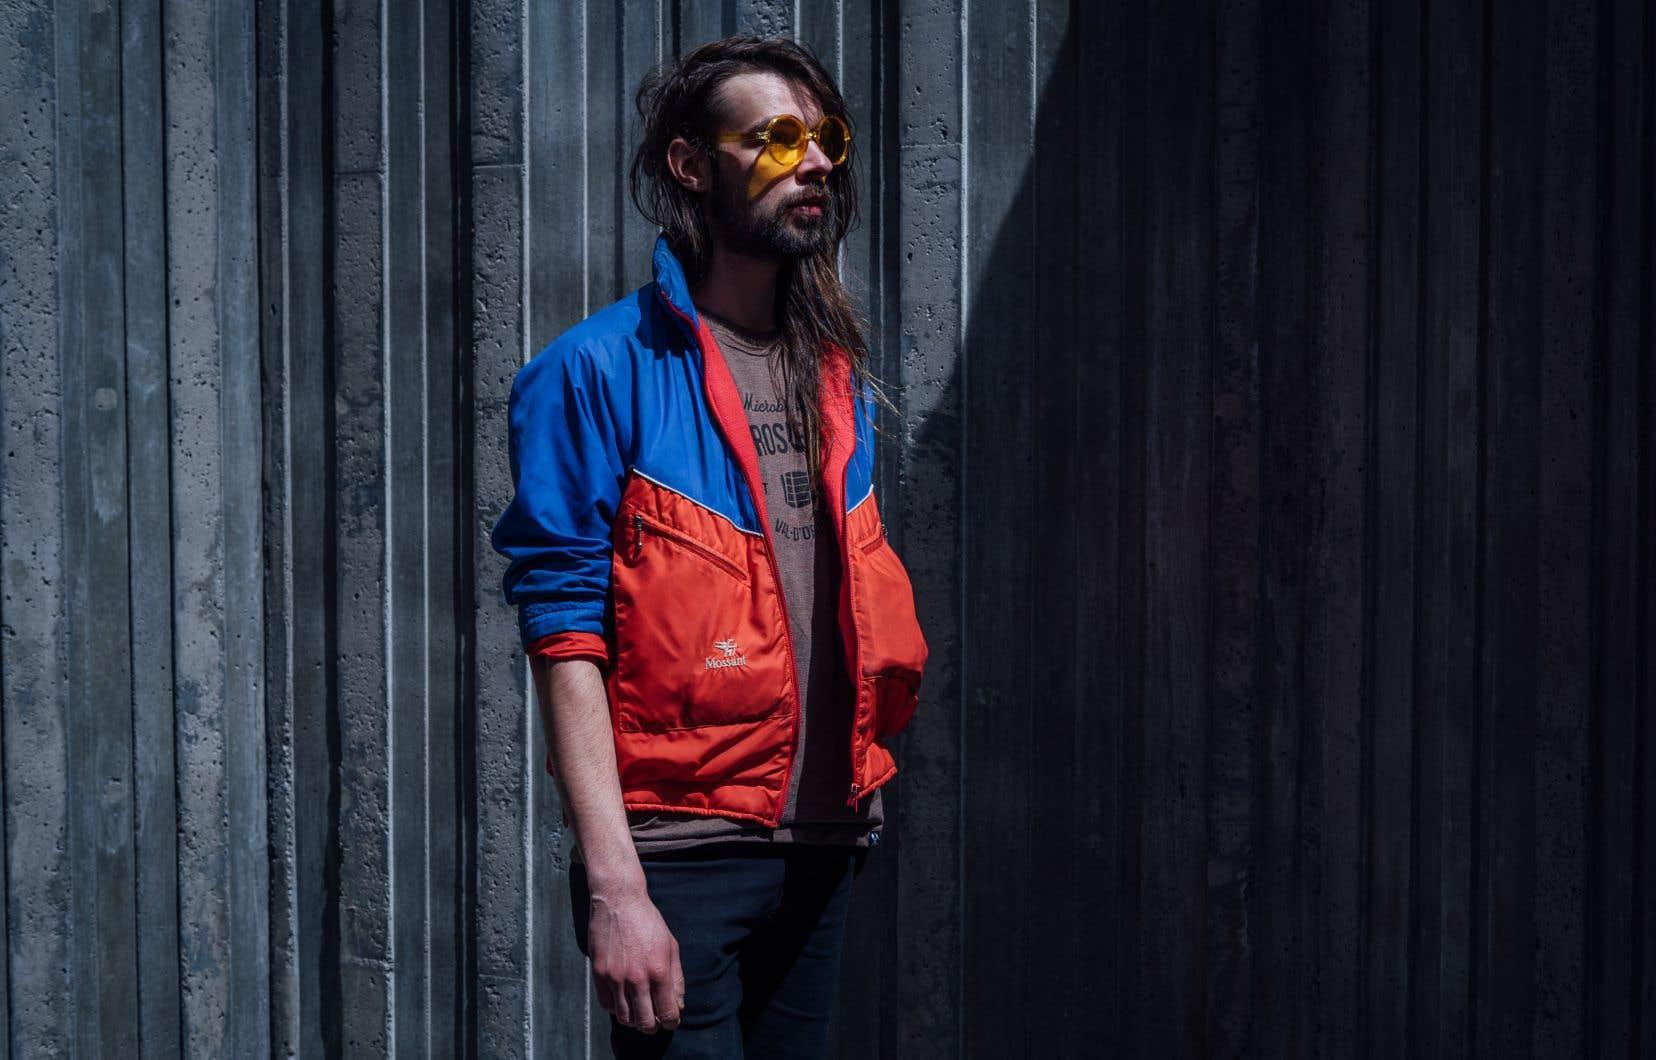 Grand slaque à la voix grave et aux airs grunge, Dave Chose possède une plume terre à terre qui révèle un homme à fleur de peau.